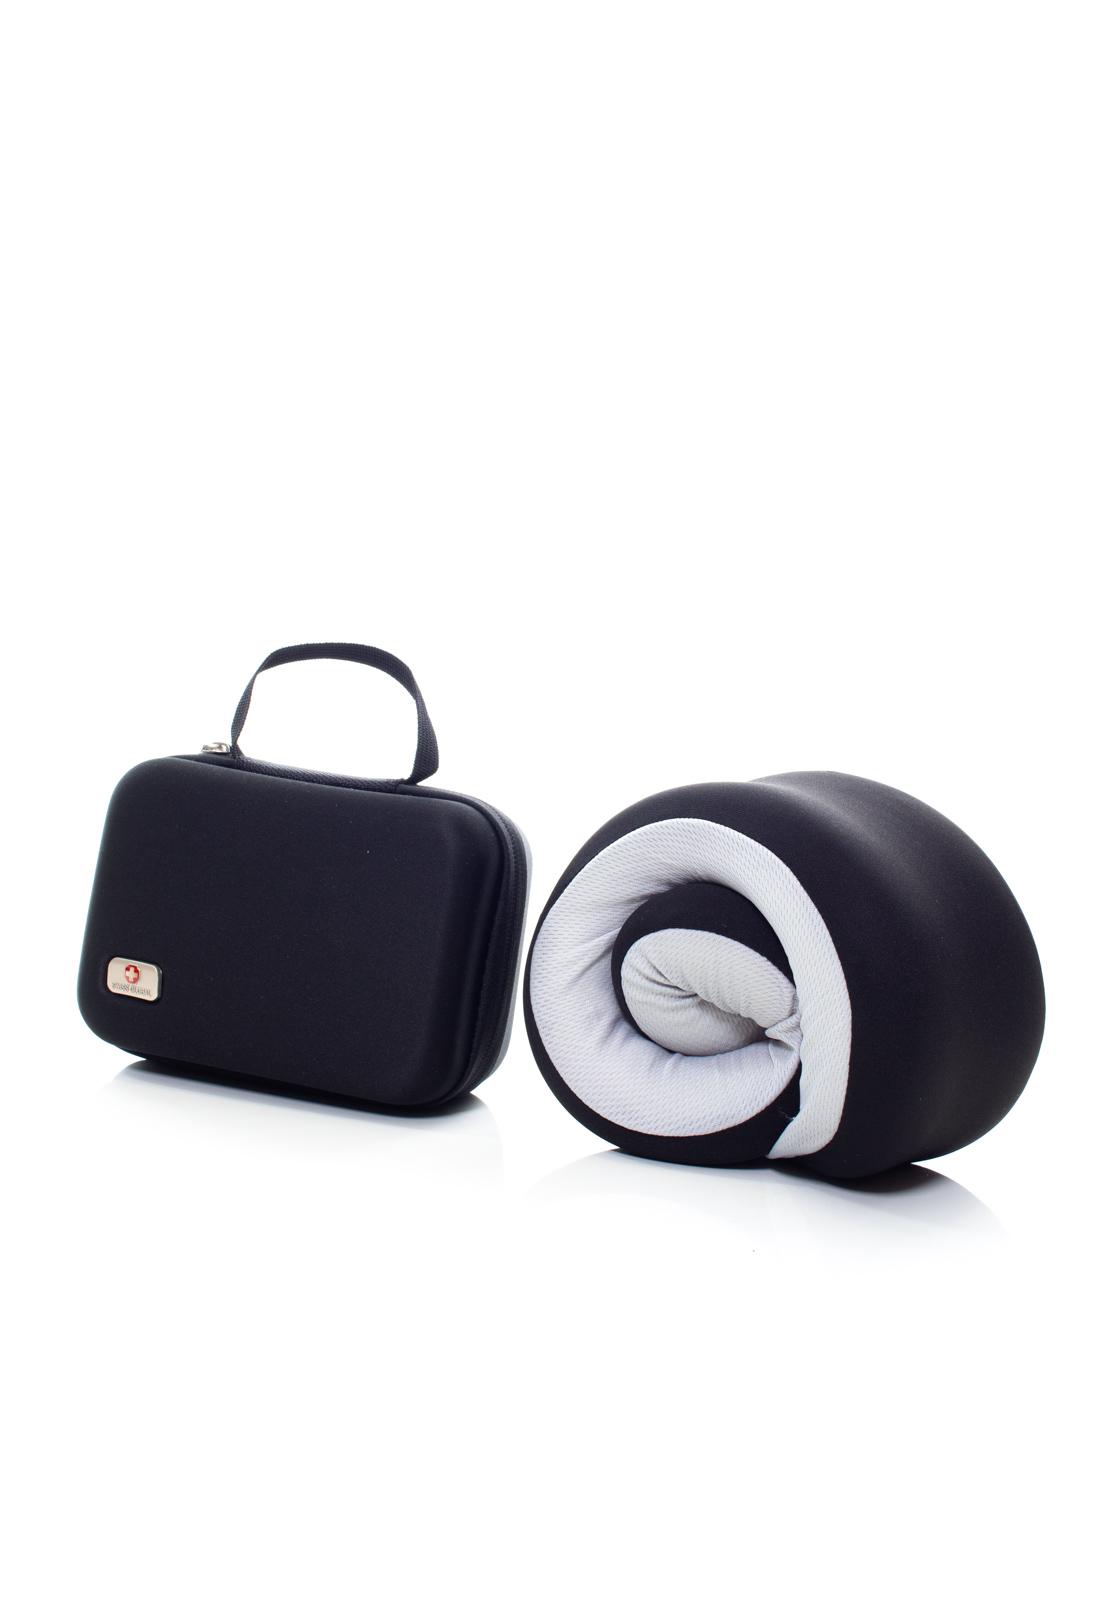 Almofada de Pescoço para Viagem Swiss Global- 47660  - CROCKER JEANS